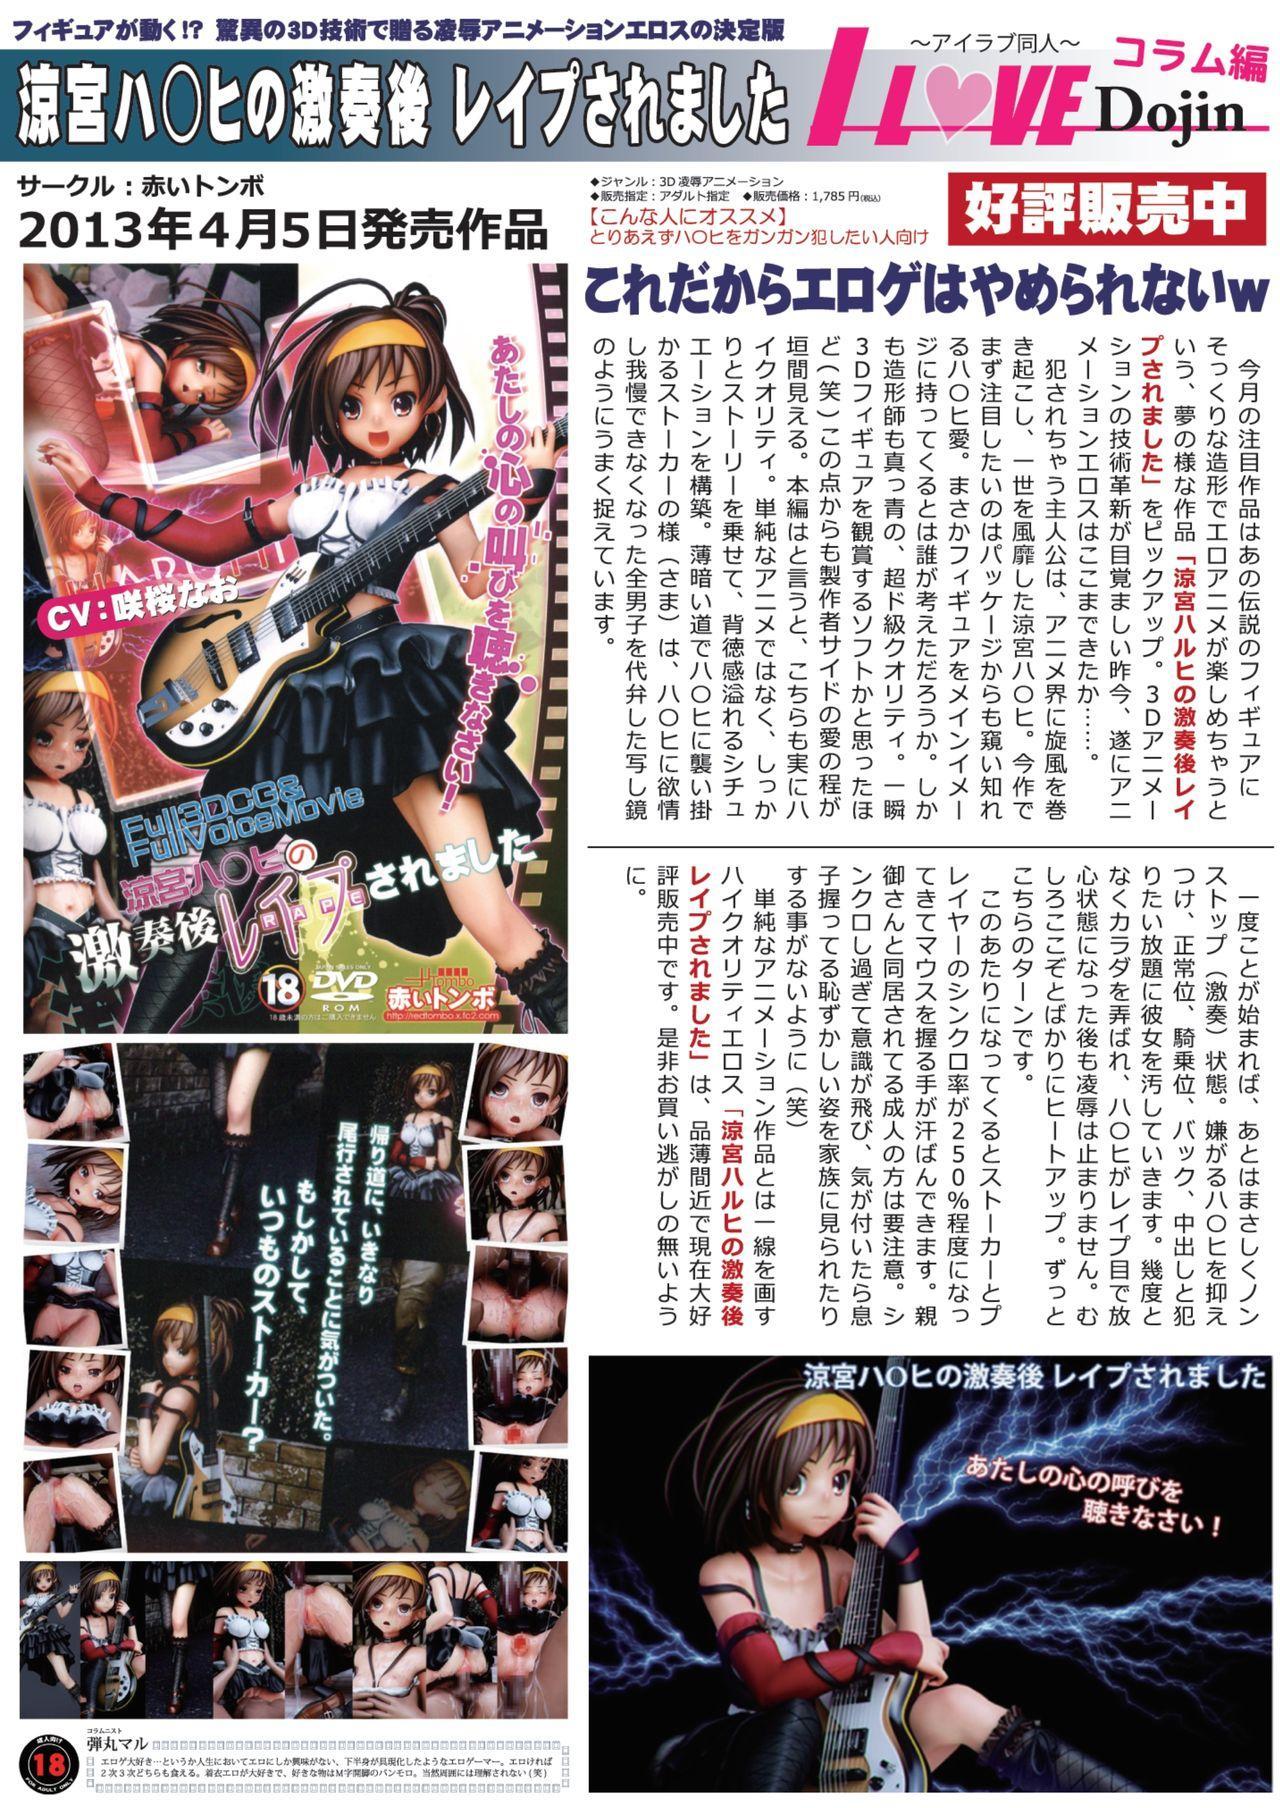 月刊めろメロ 2013年5月号 15